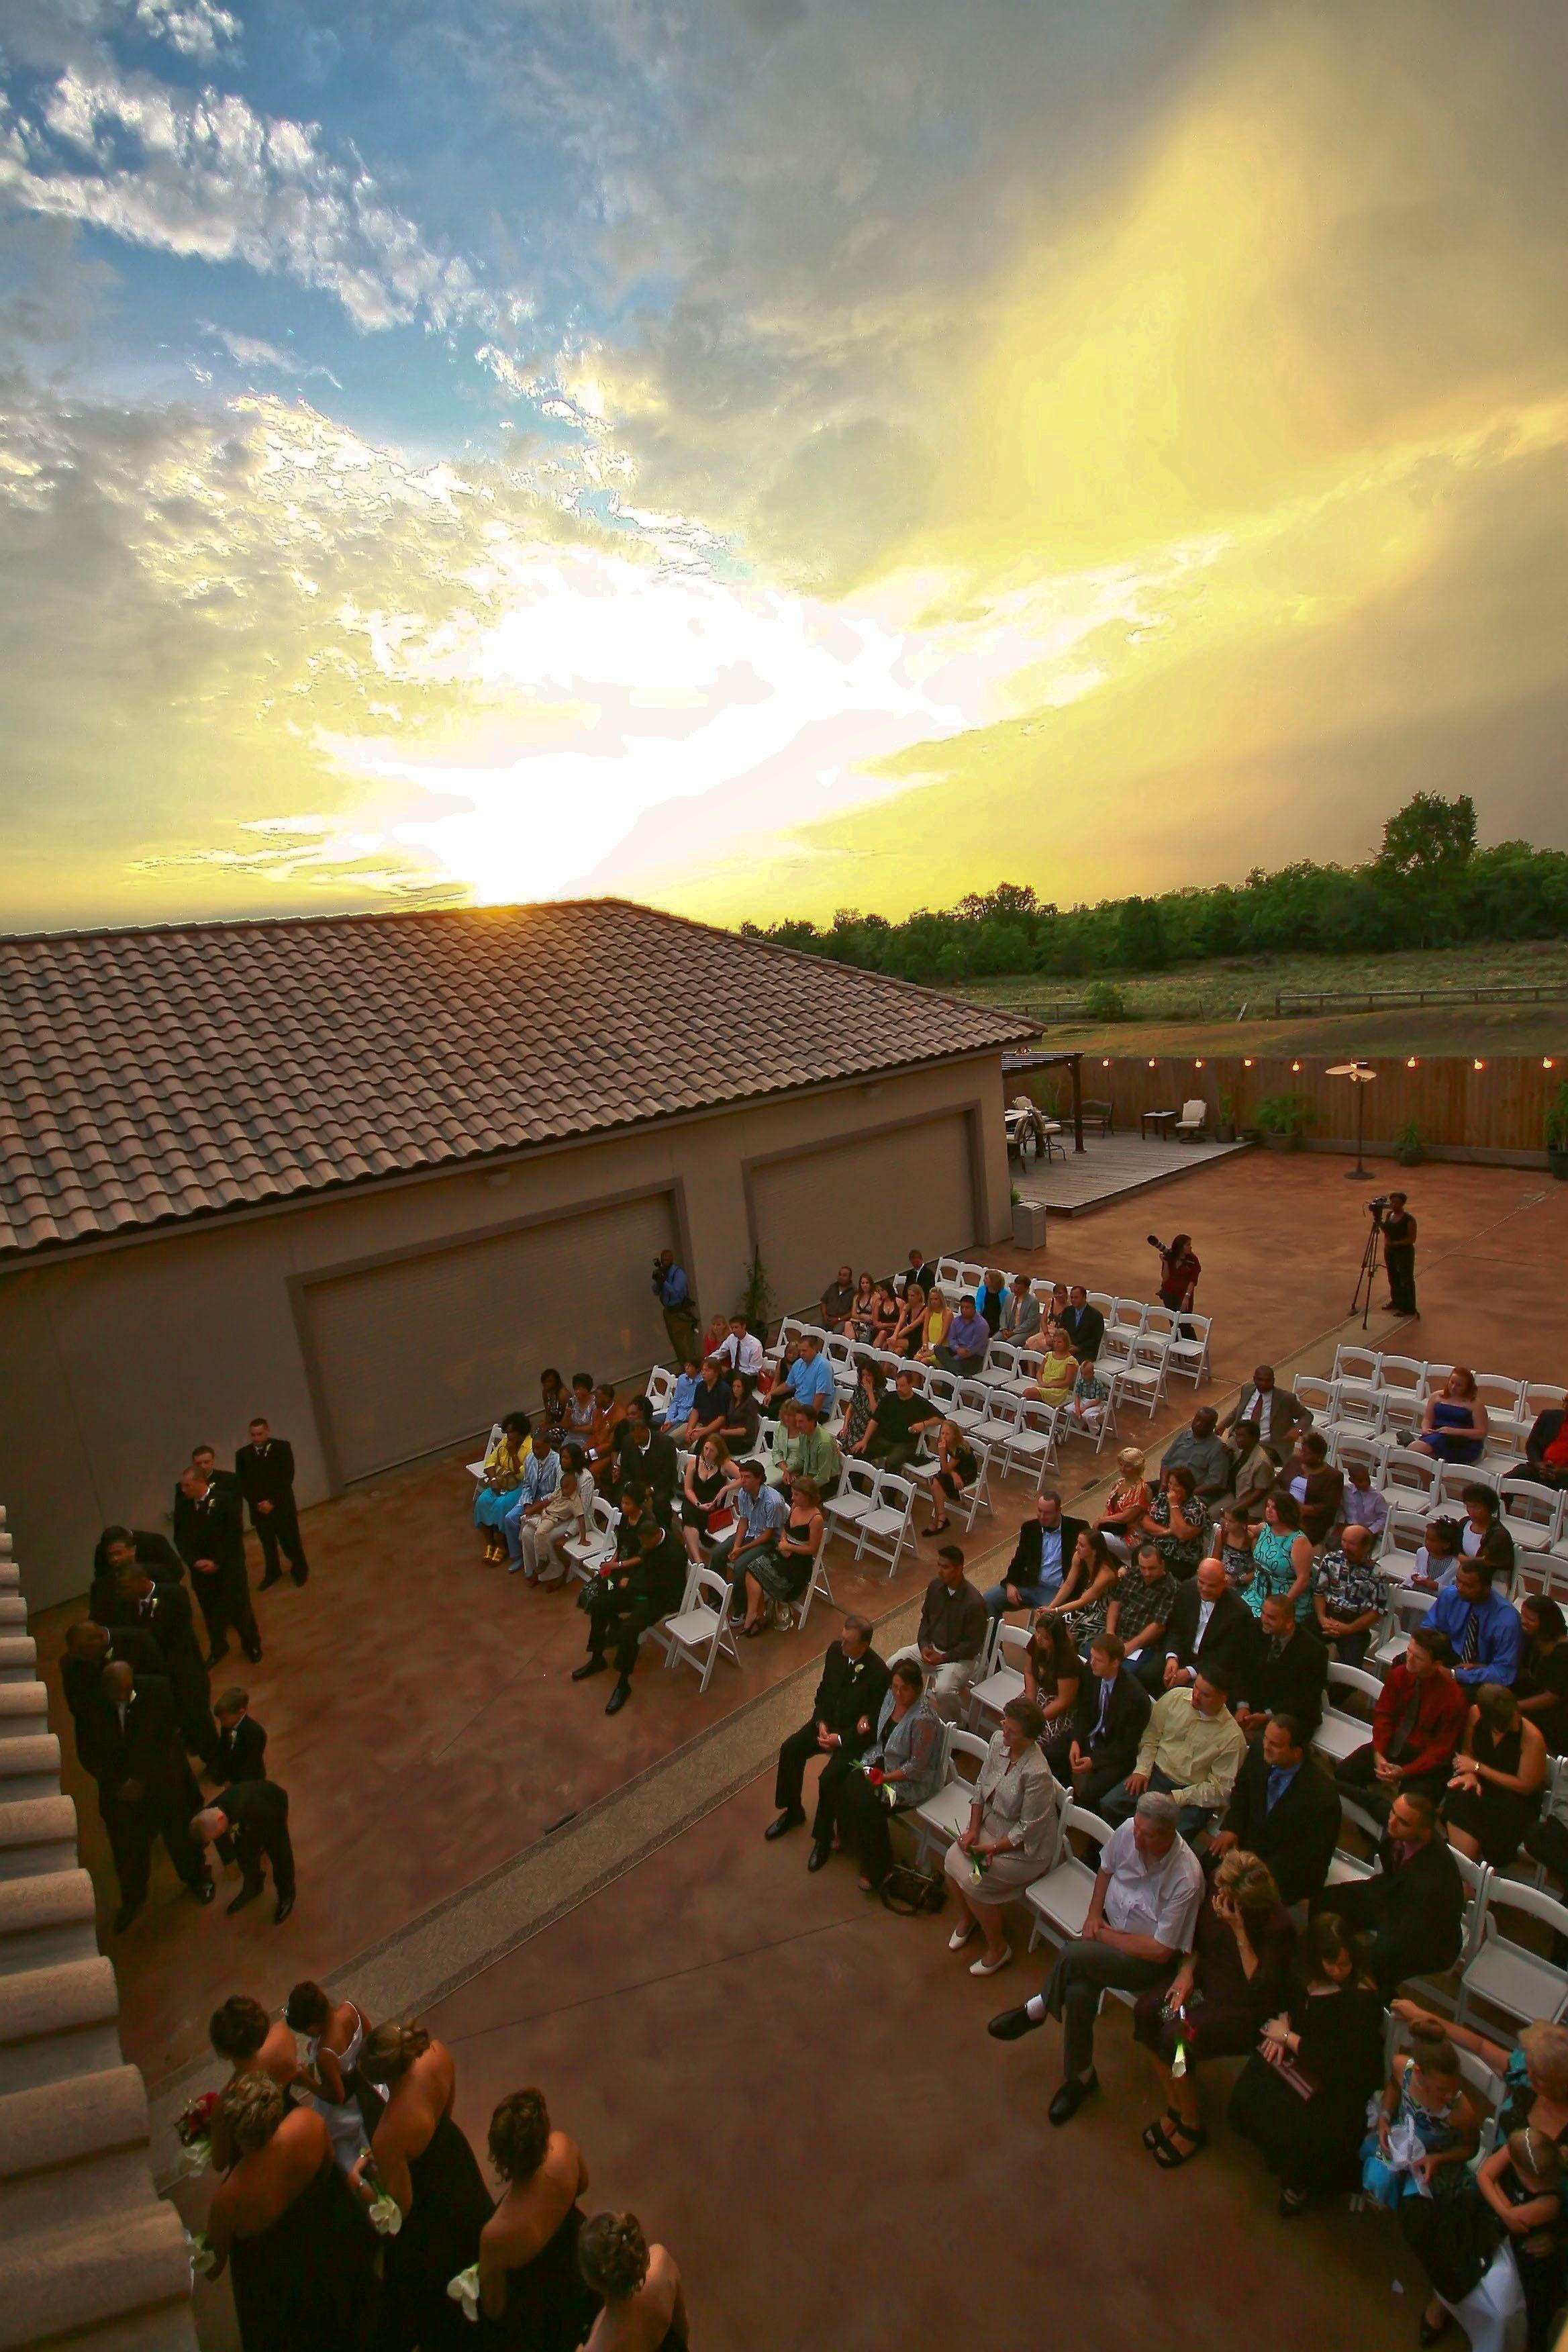 Tuscany Villas In Katy Texas Outdoor Ceremony Set Up